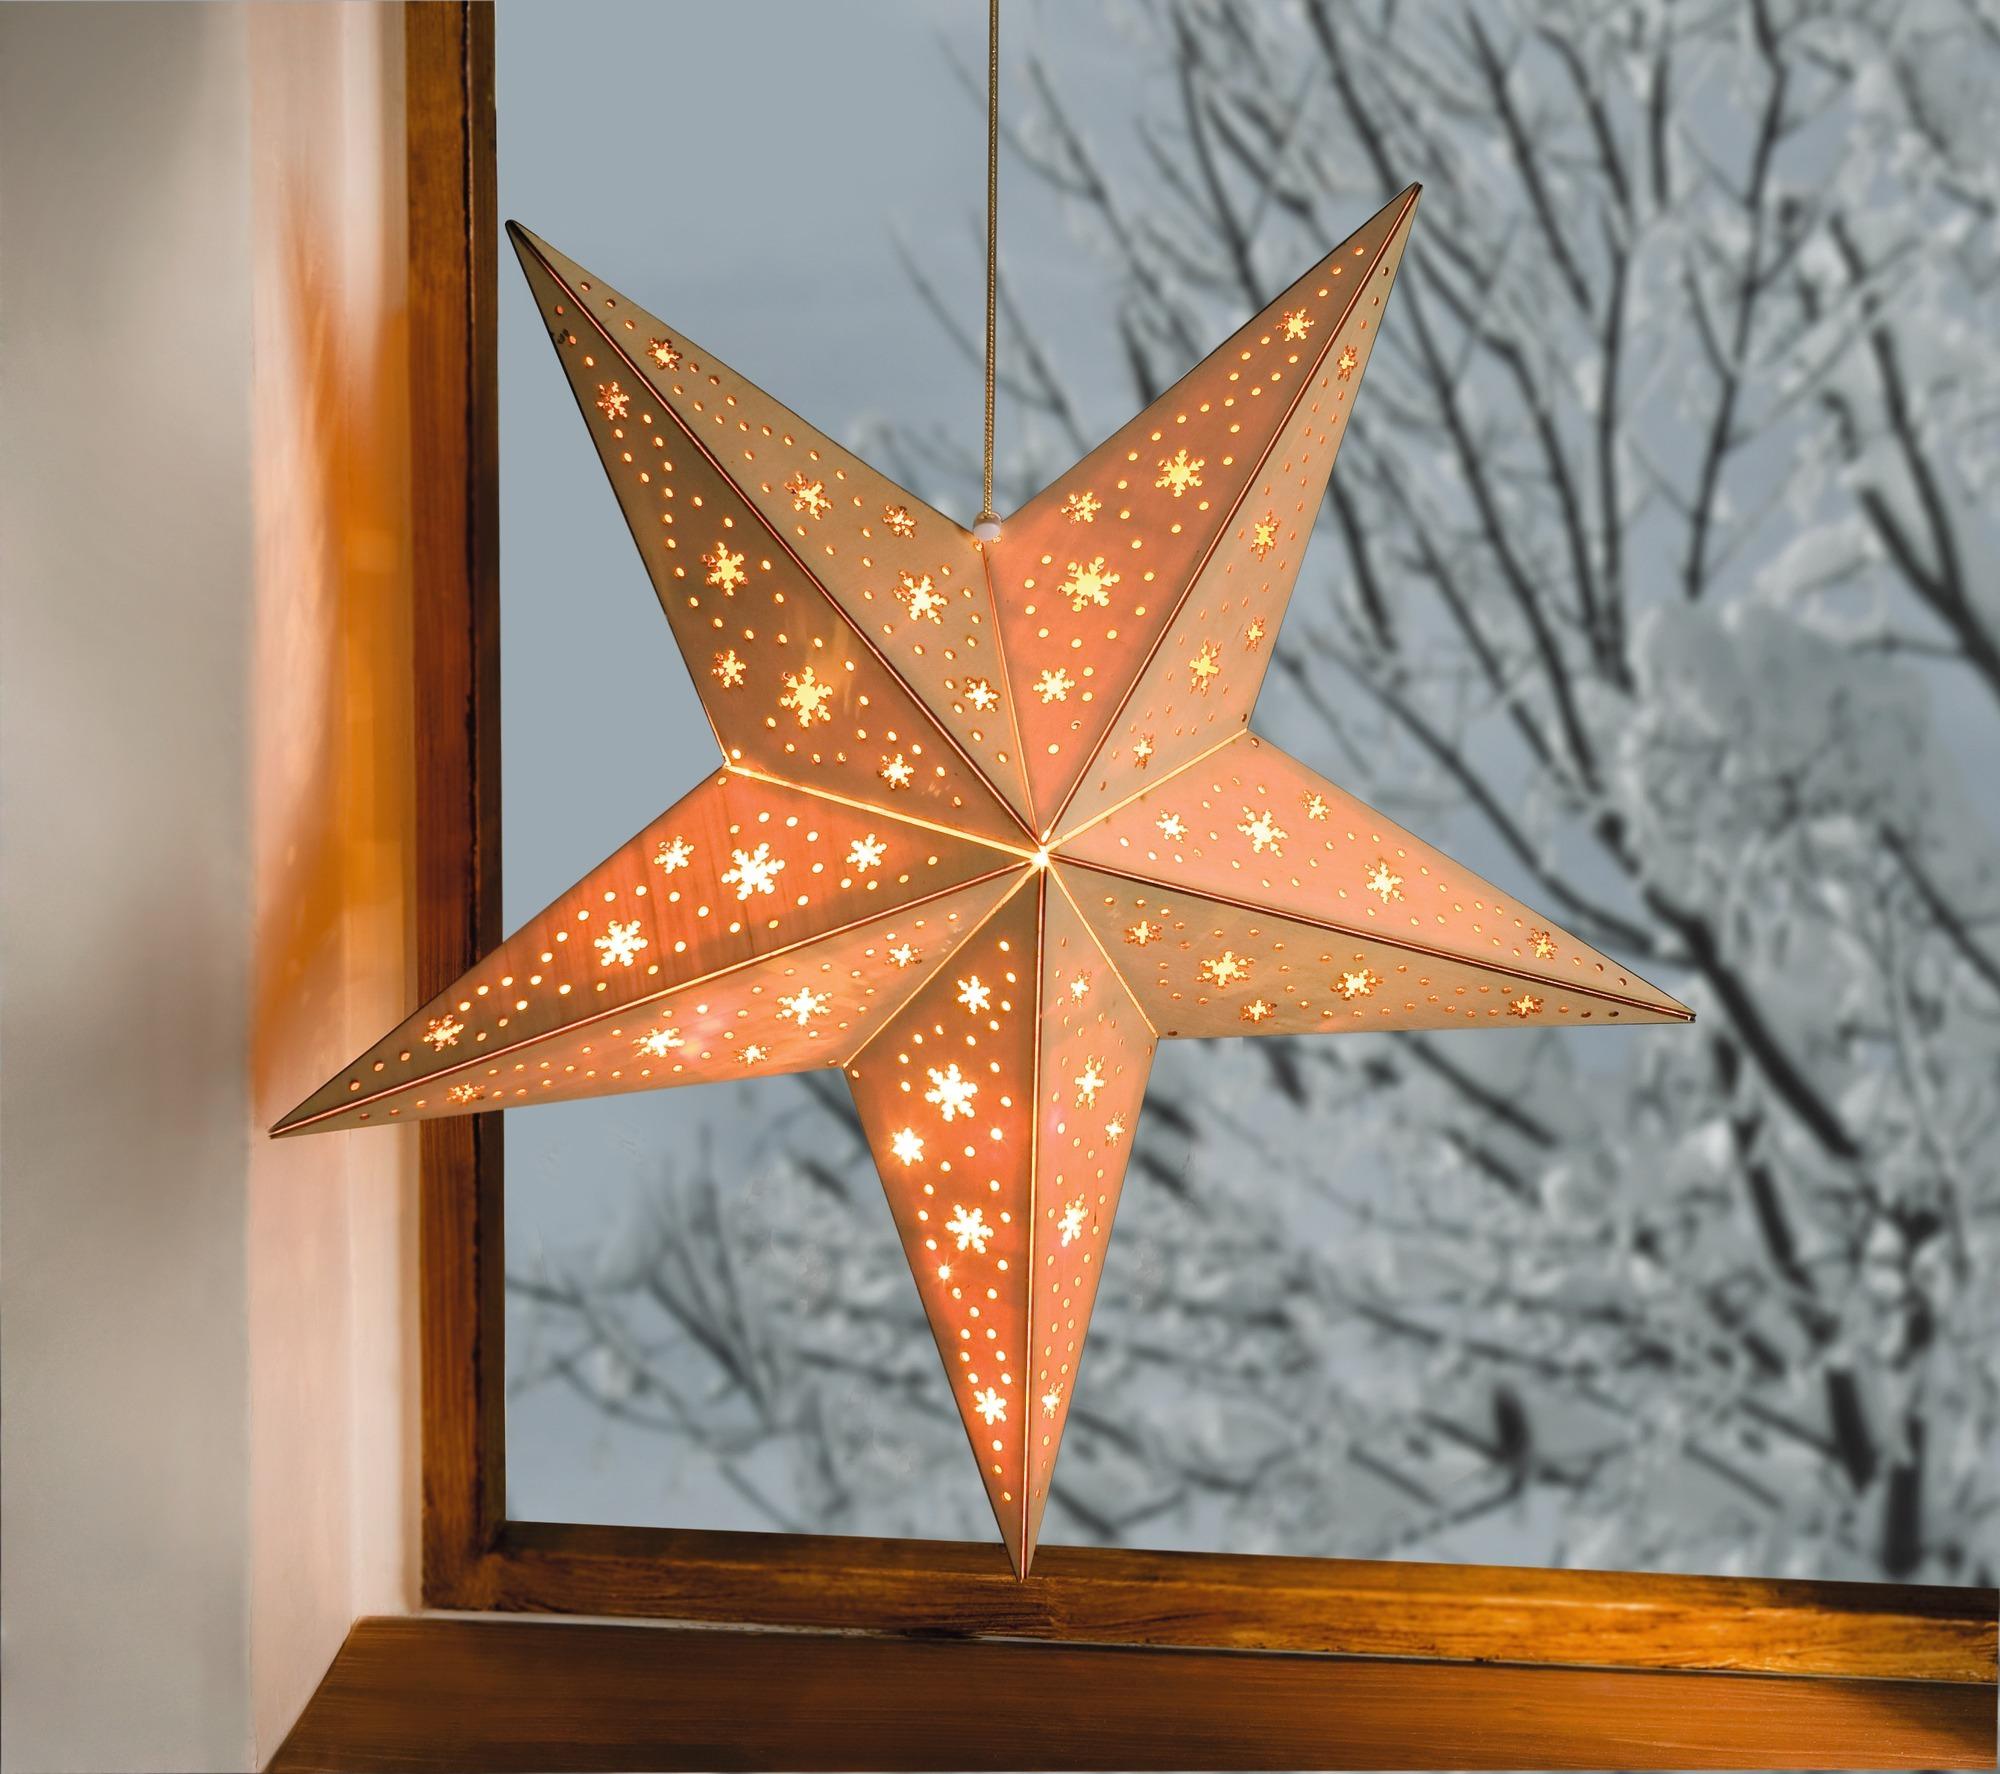 Weihnachtsstern am Fenster